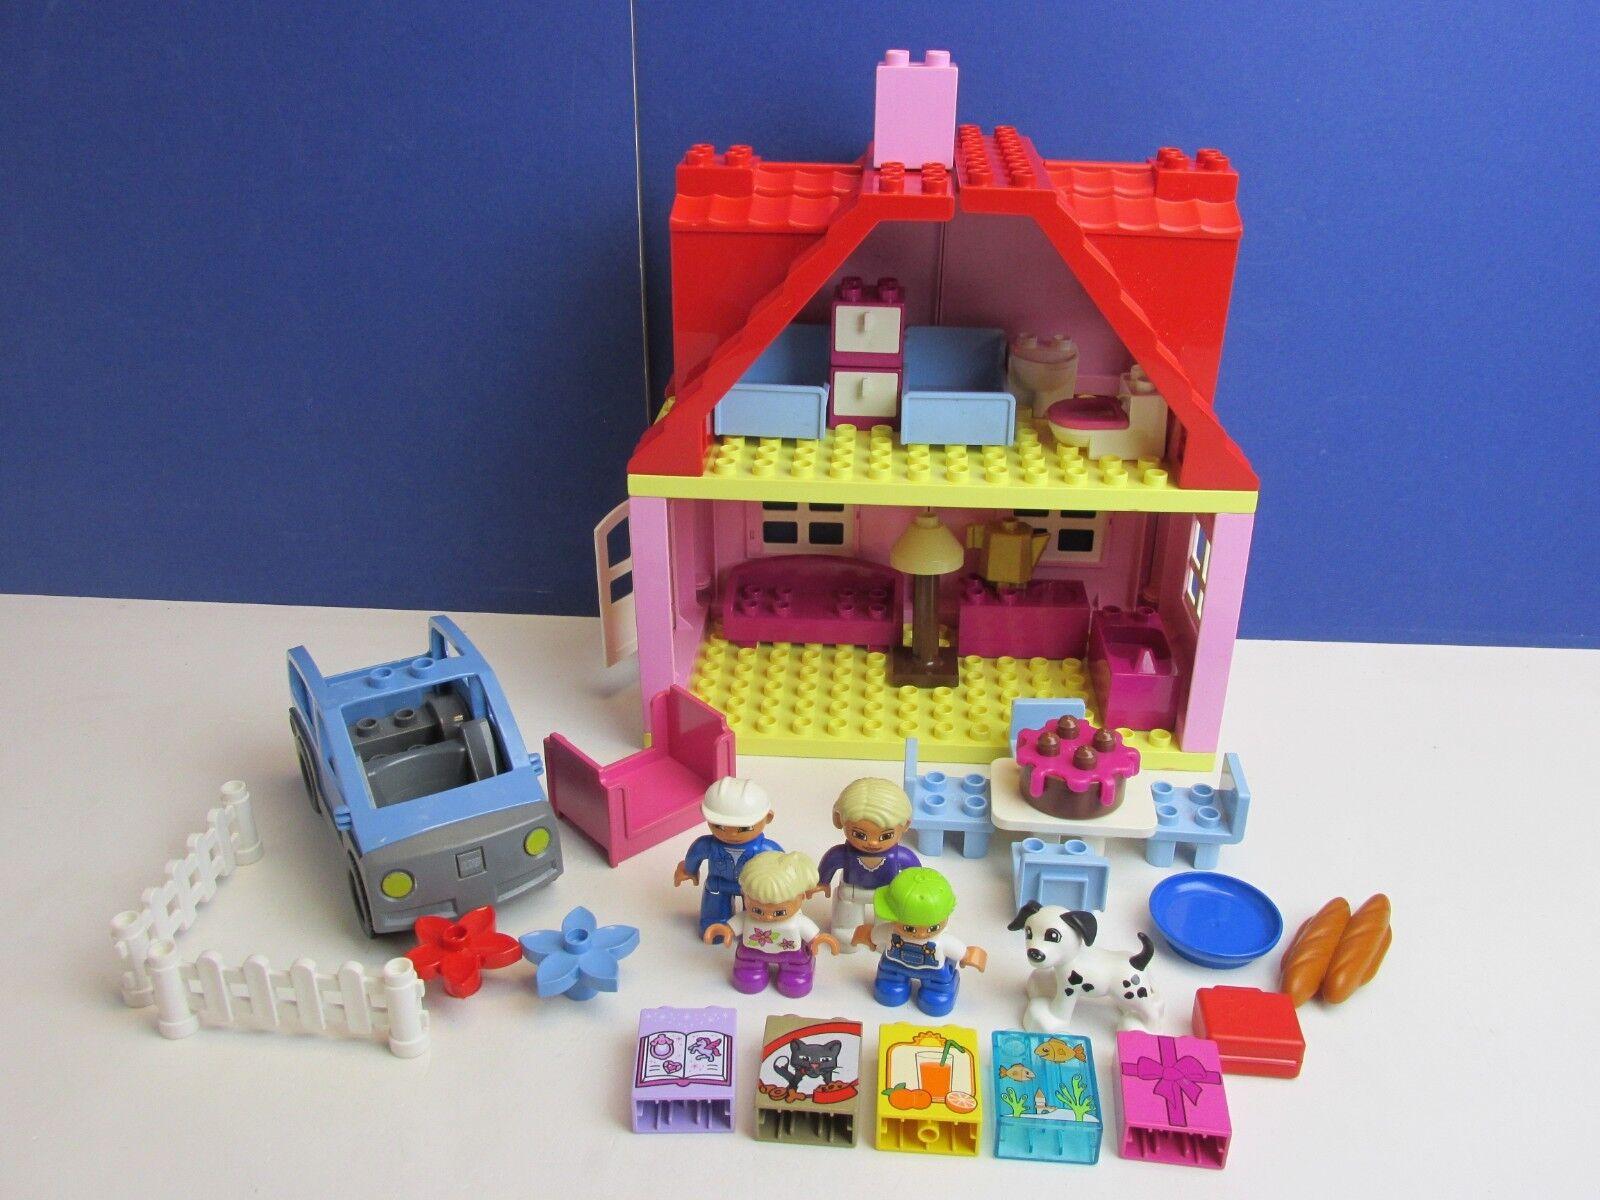 DUPLO LEGO Maison Rose Maman Papa famille Figure Set Voiture Cuisine Salon chambre à coucher 62B